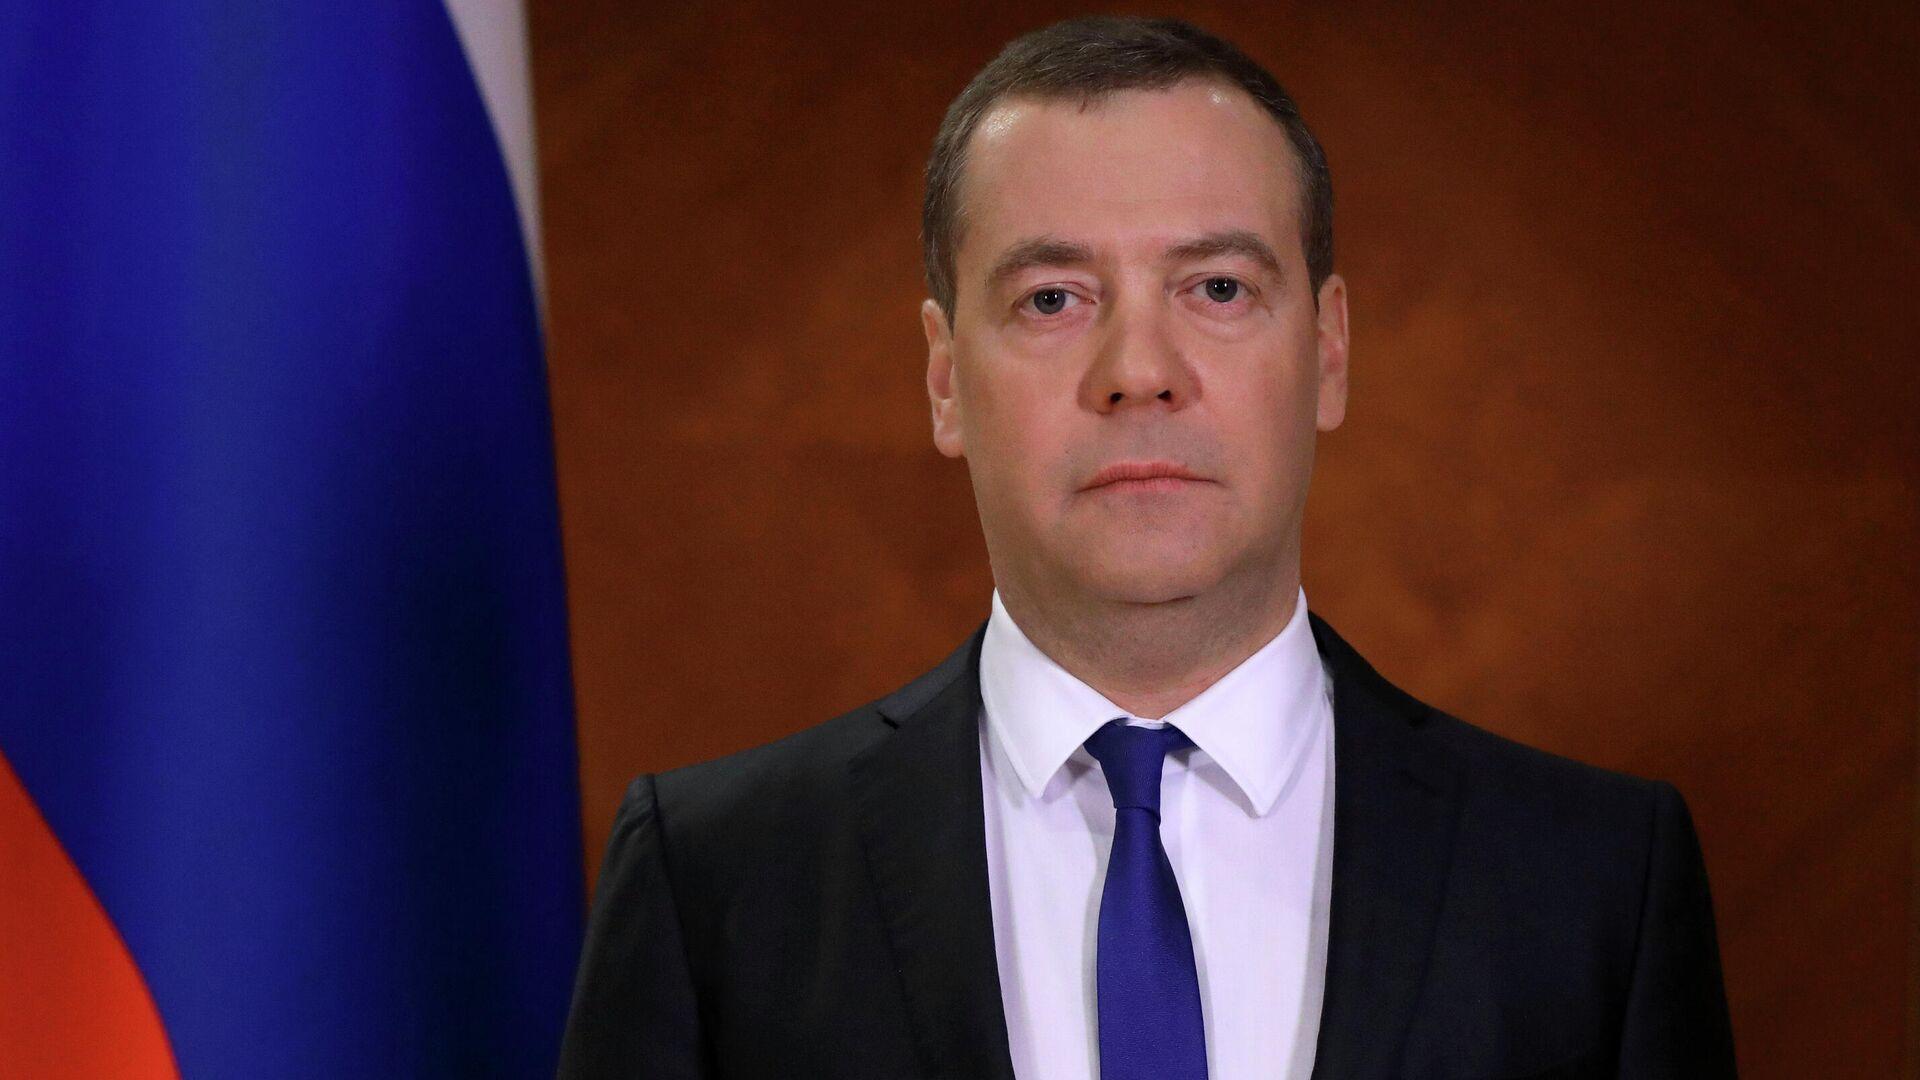 Заместитель председателя Совета Безопасности РФ Дмитрий Медведев - РИА Новости, 1920, 24.10.2020